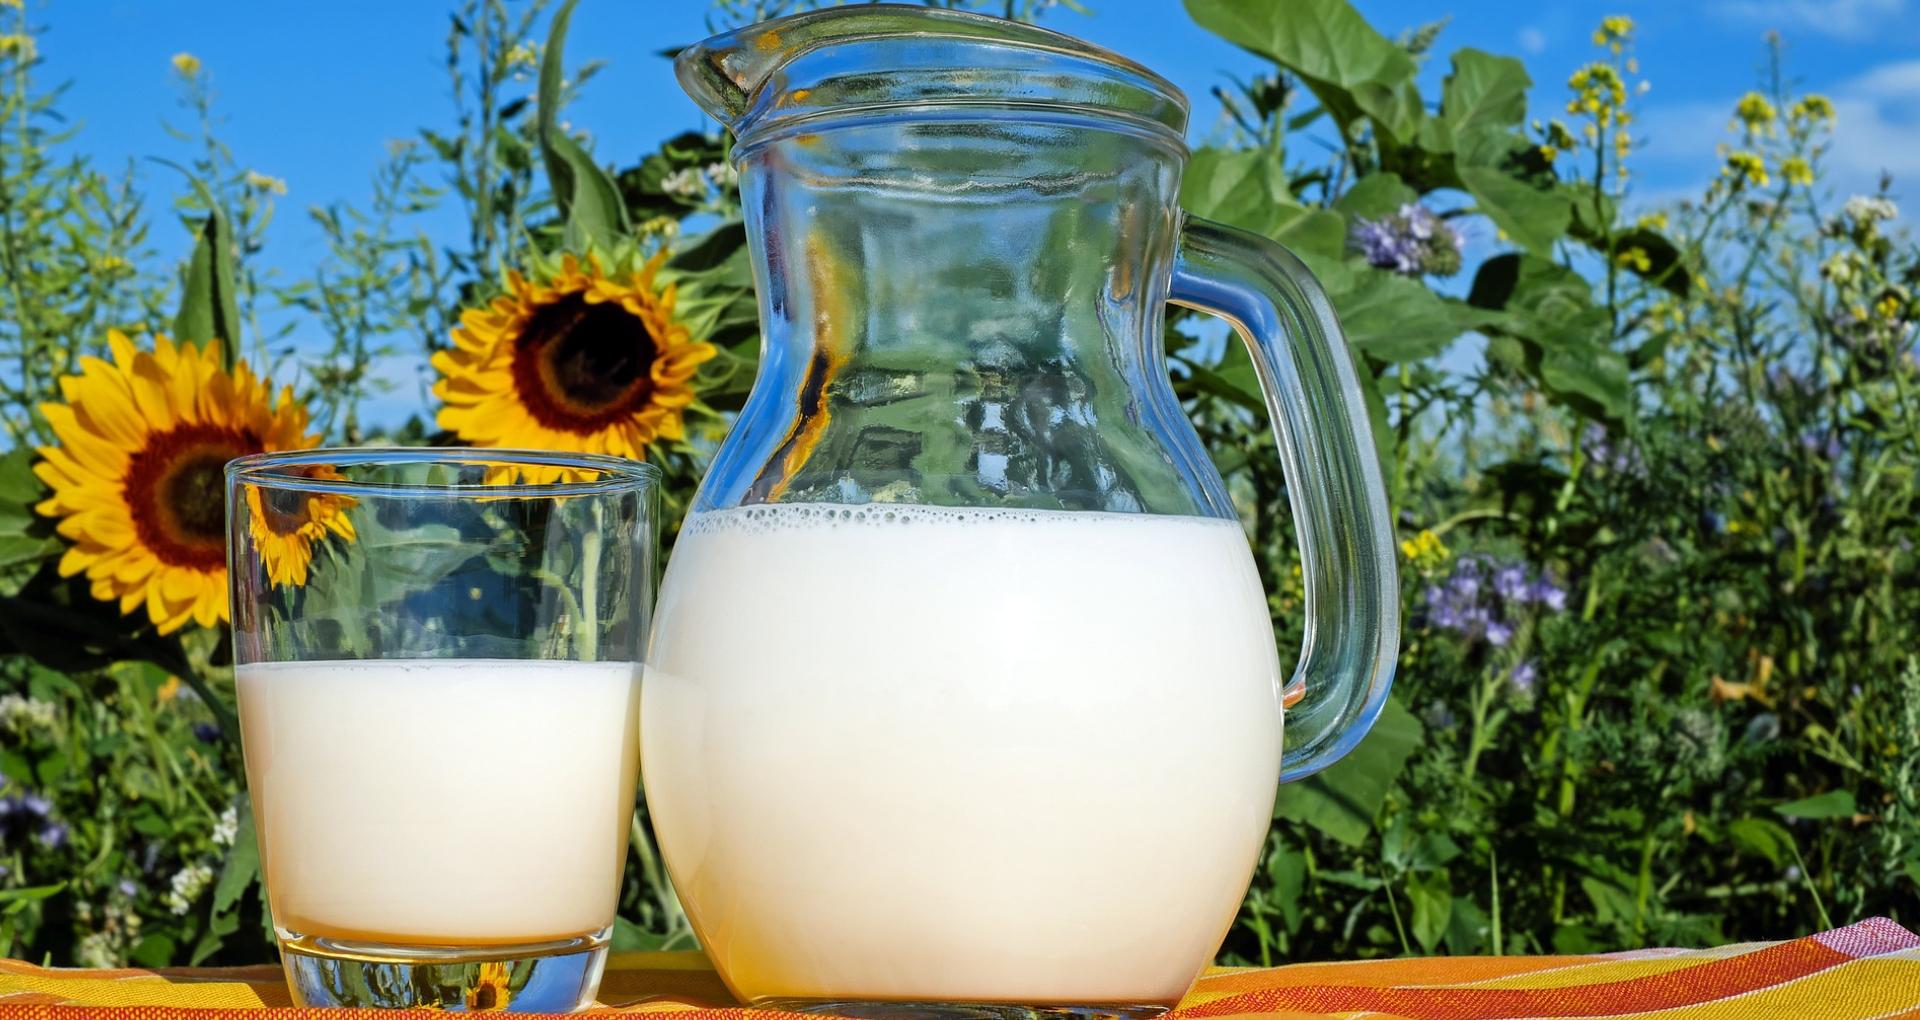 दूध से घर बैठे आसानी से पाइए खूबसूरत त्वचा और मुलायम बाल, ऐसे करें इसका इस्तेमाल